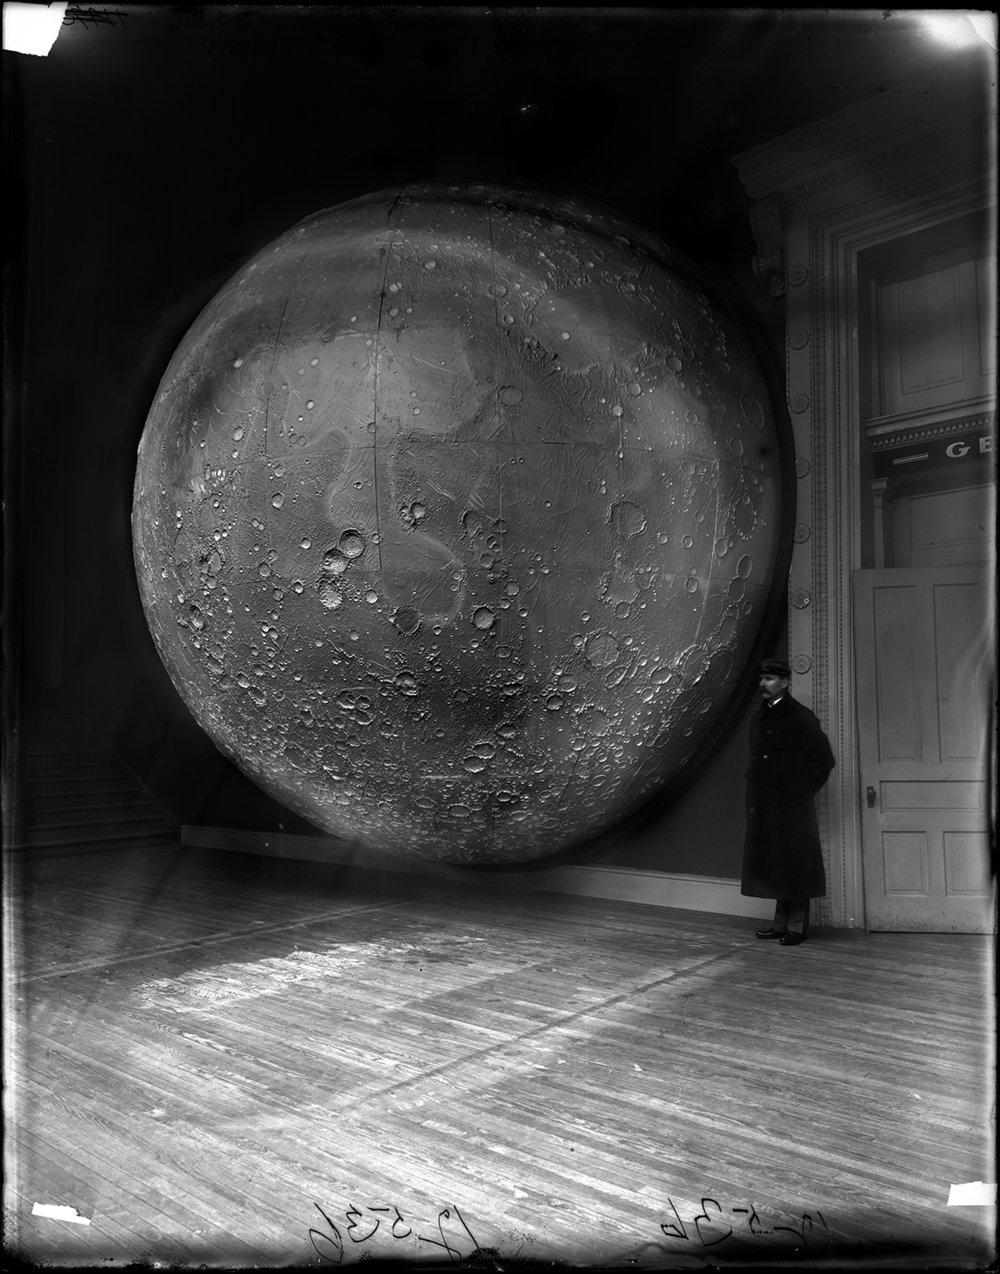 Videnskabelig model af Månen konstrueret af Johann Friedrich Julius Schmidt og Thomas Dickert, Tyskland 1898. Foto: Field Museum Library/Getty Images.